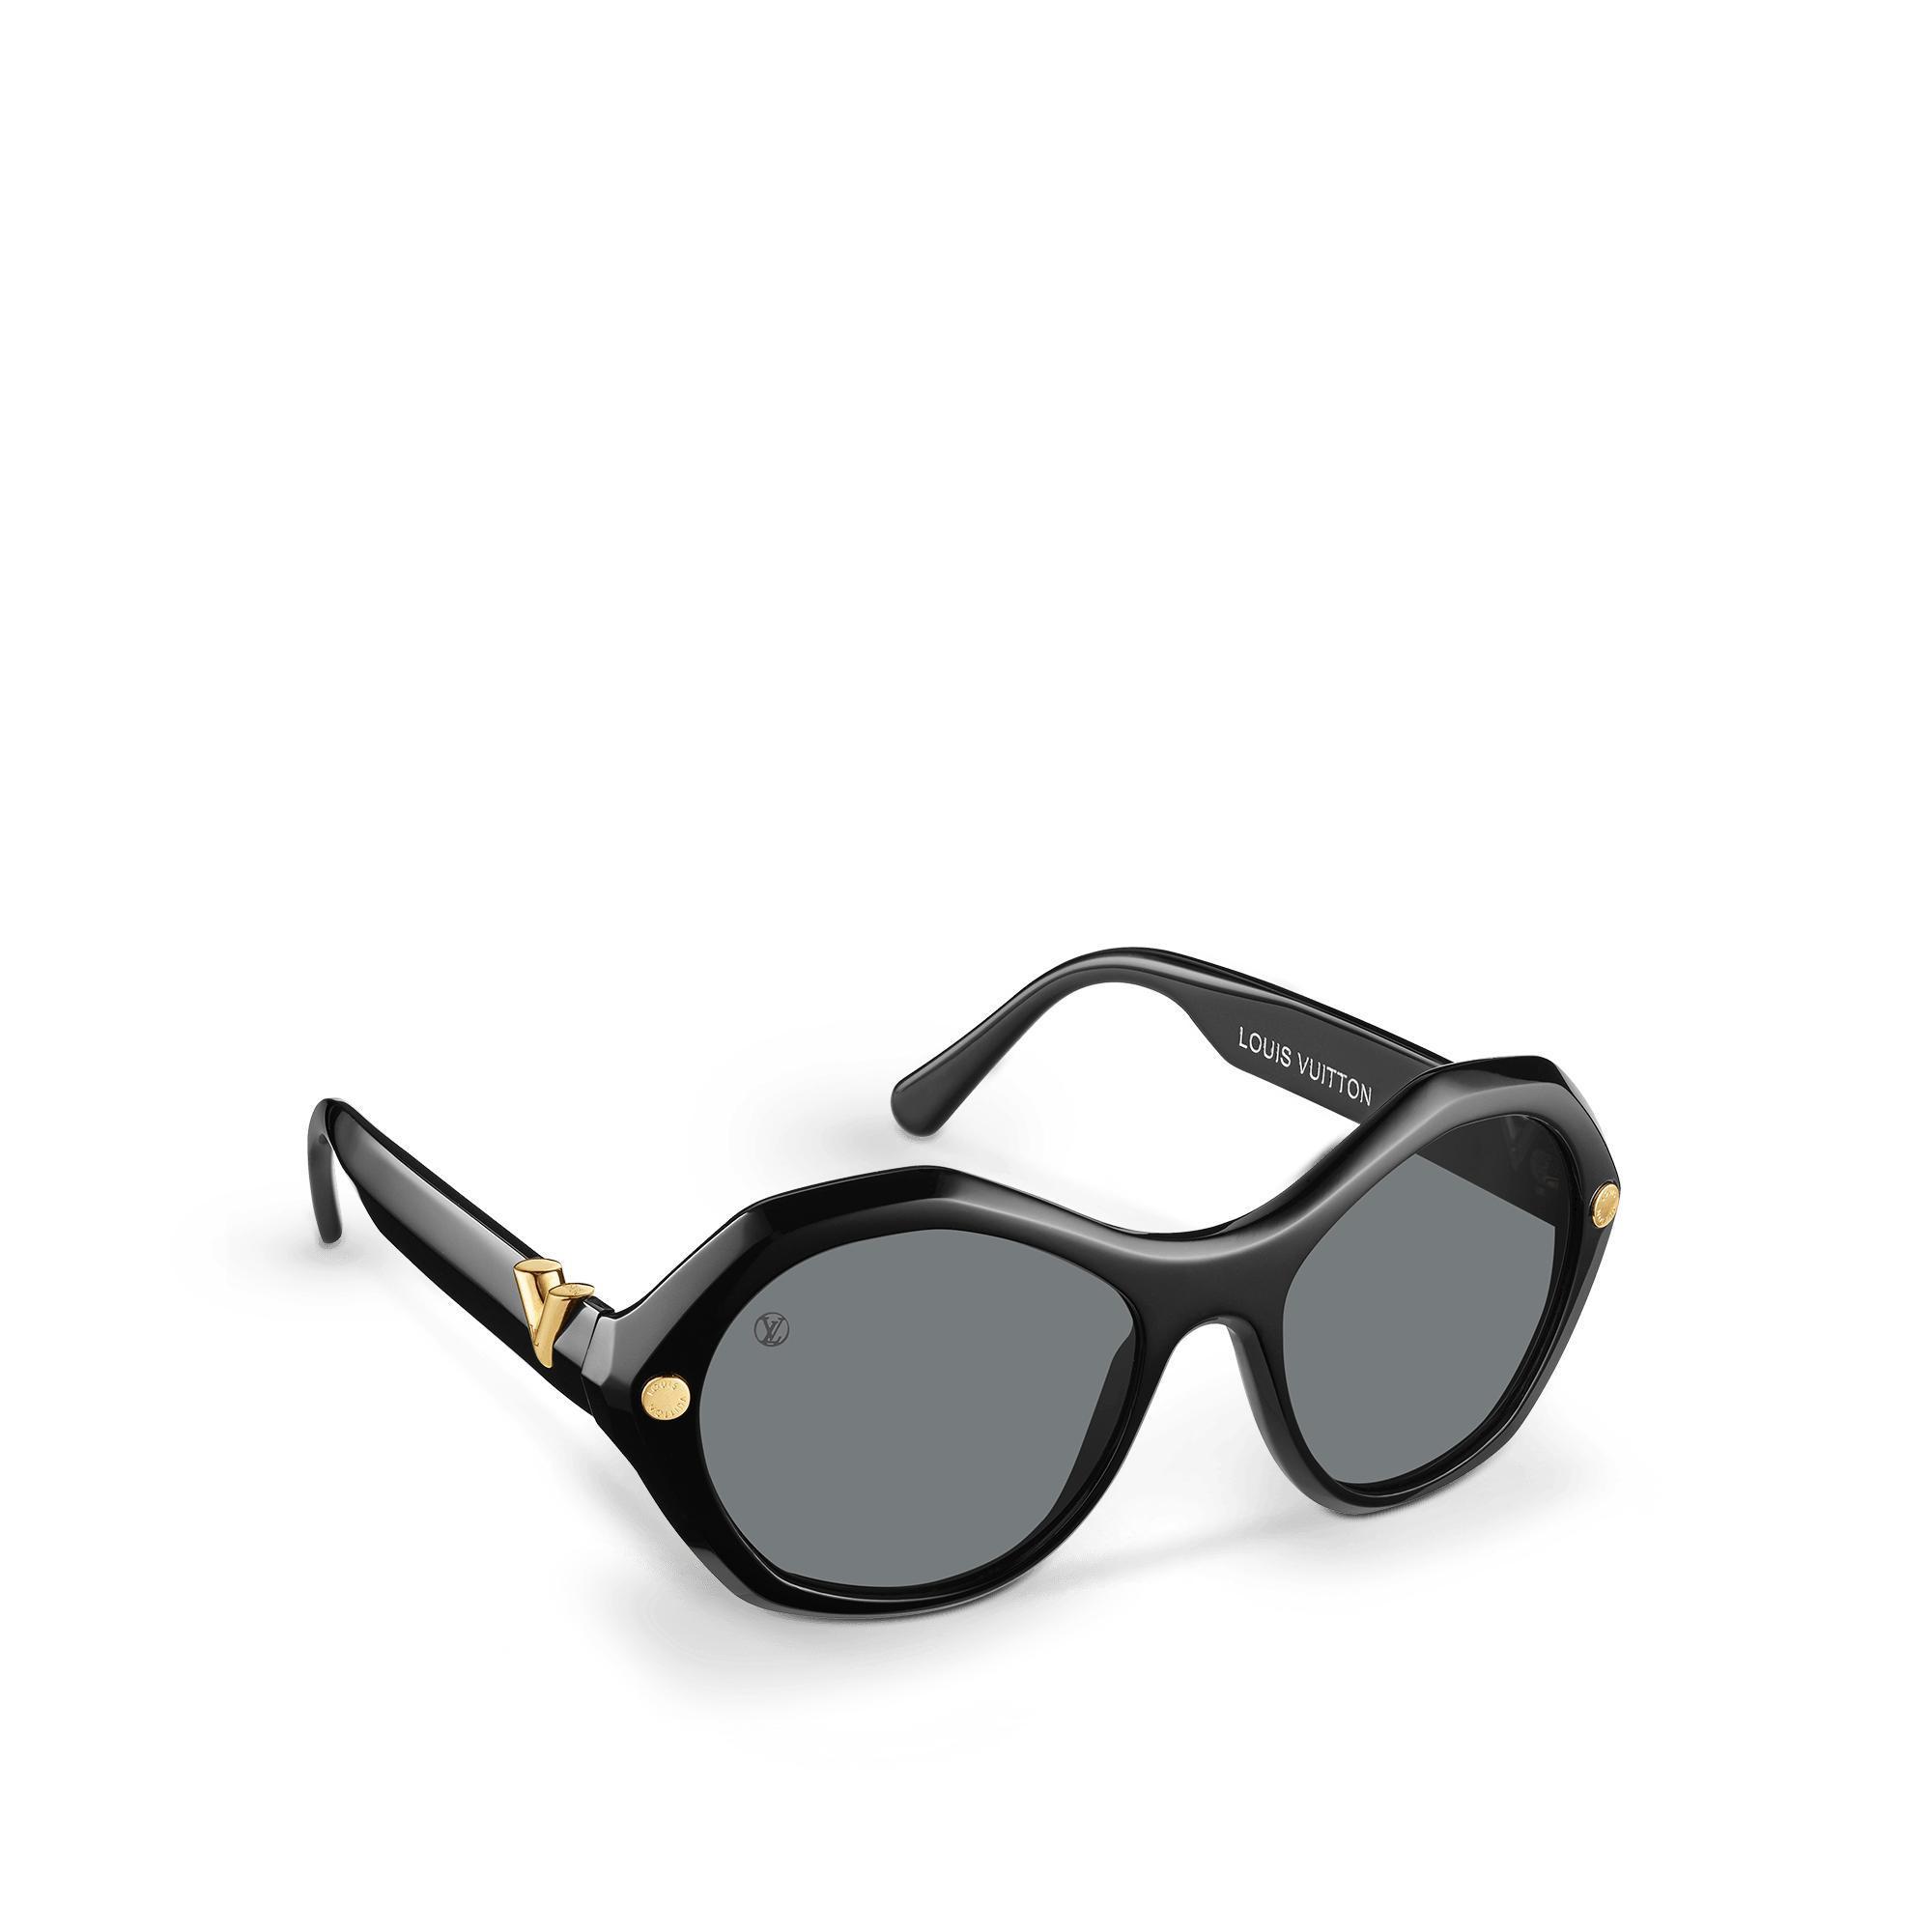 e91e331a8b0 Louis Vuitton Lv Chamade In Black | ModeSens